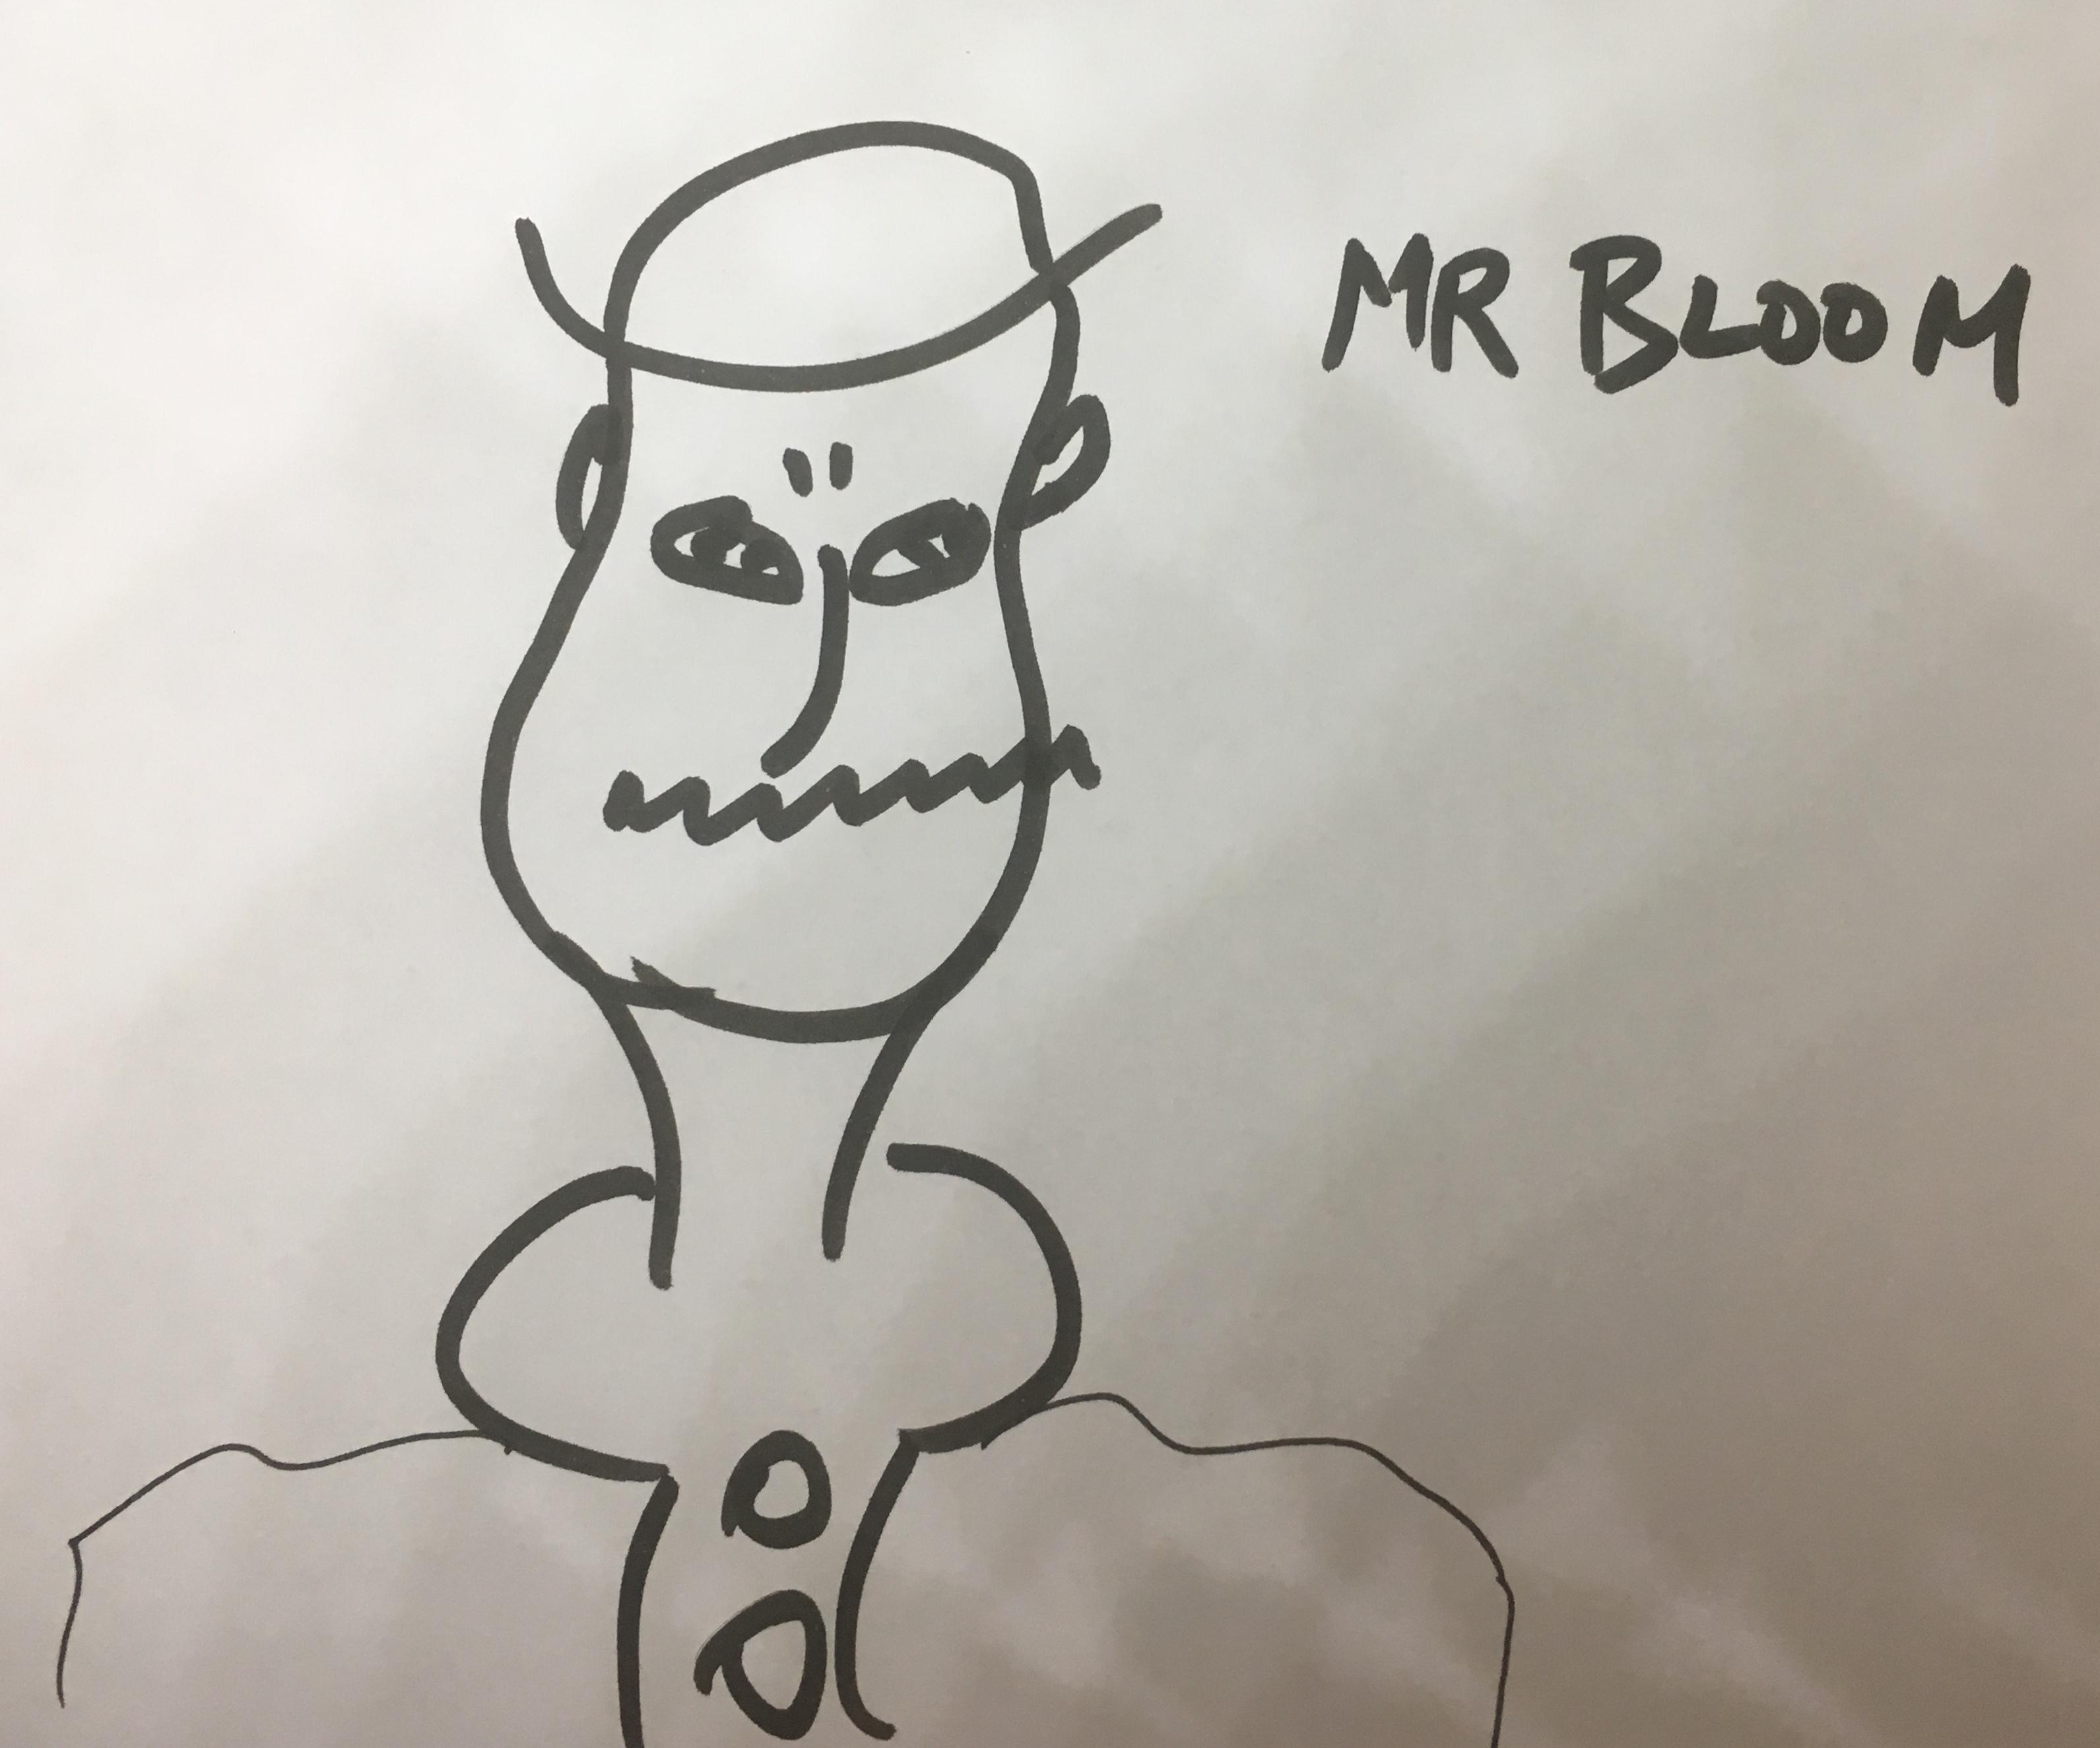 Mr Bloom after James Joyce.